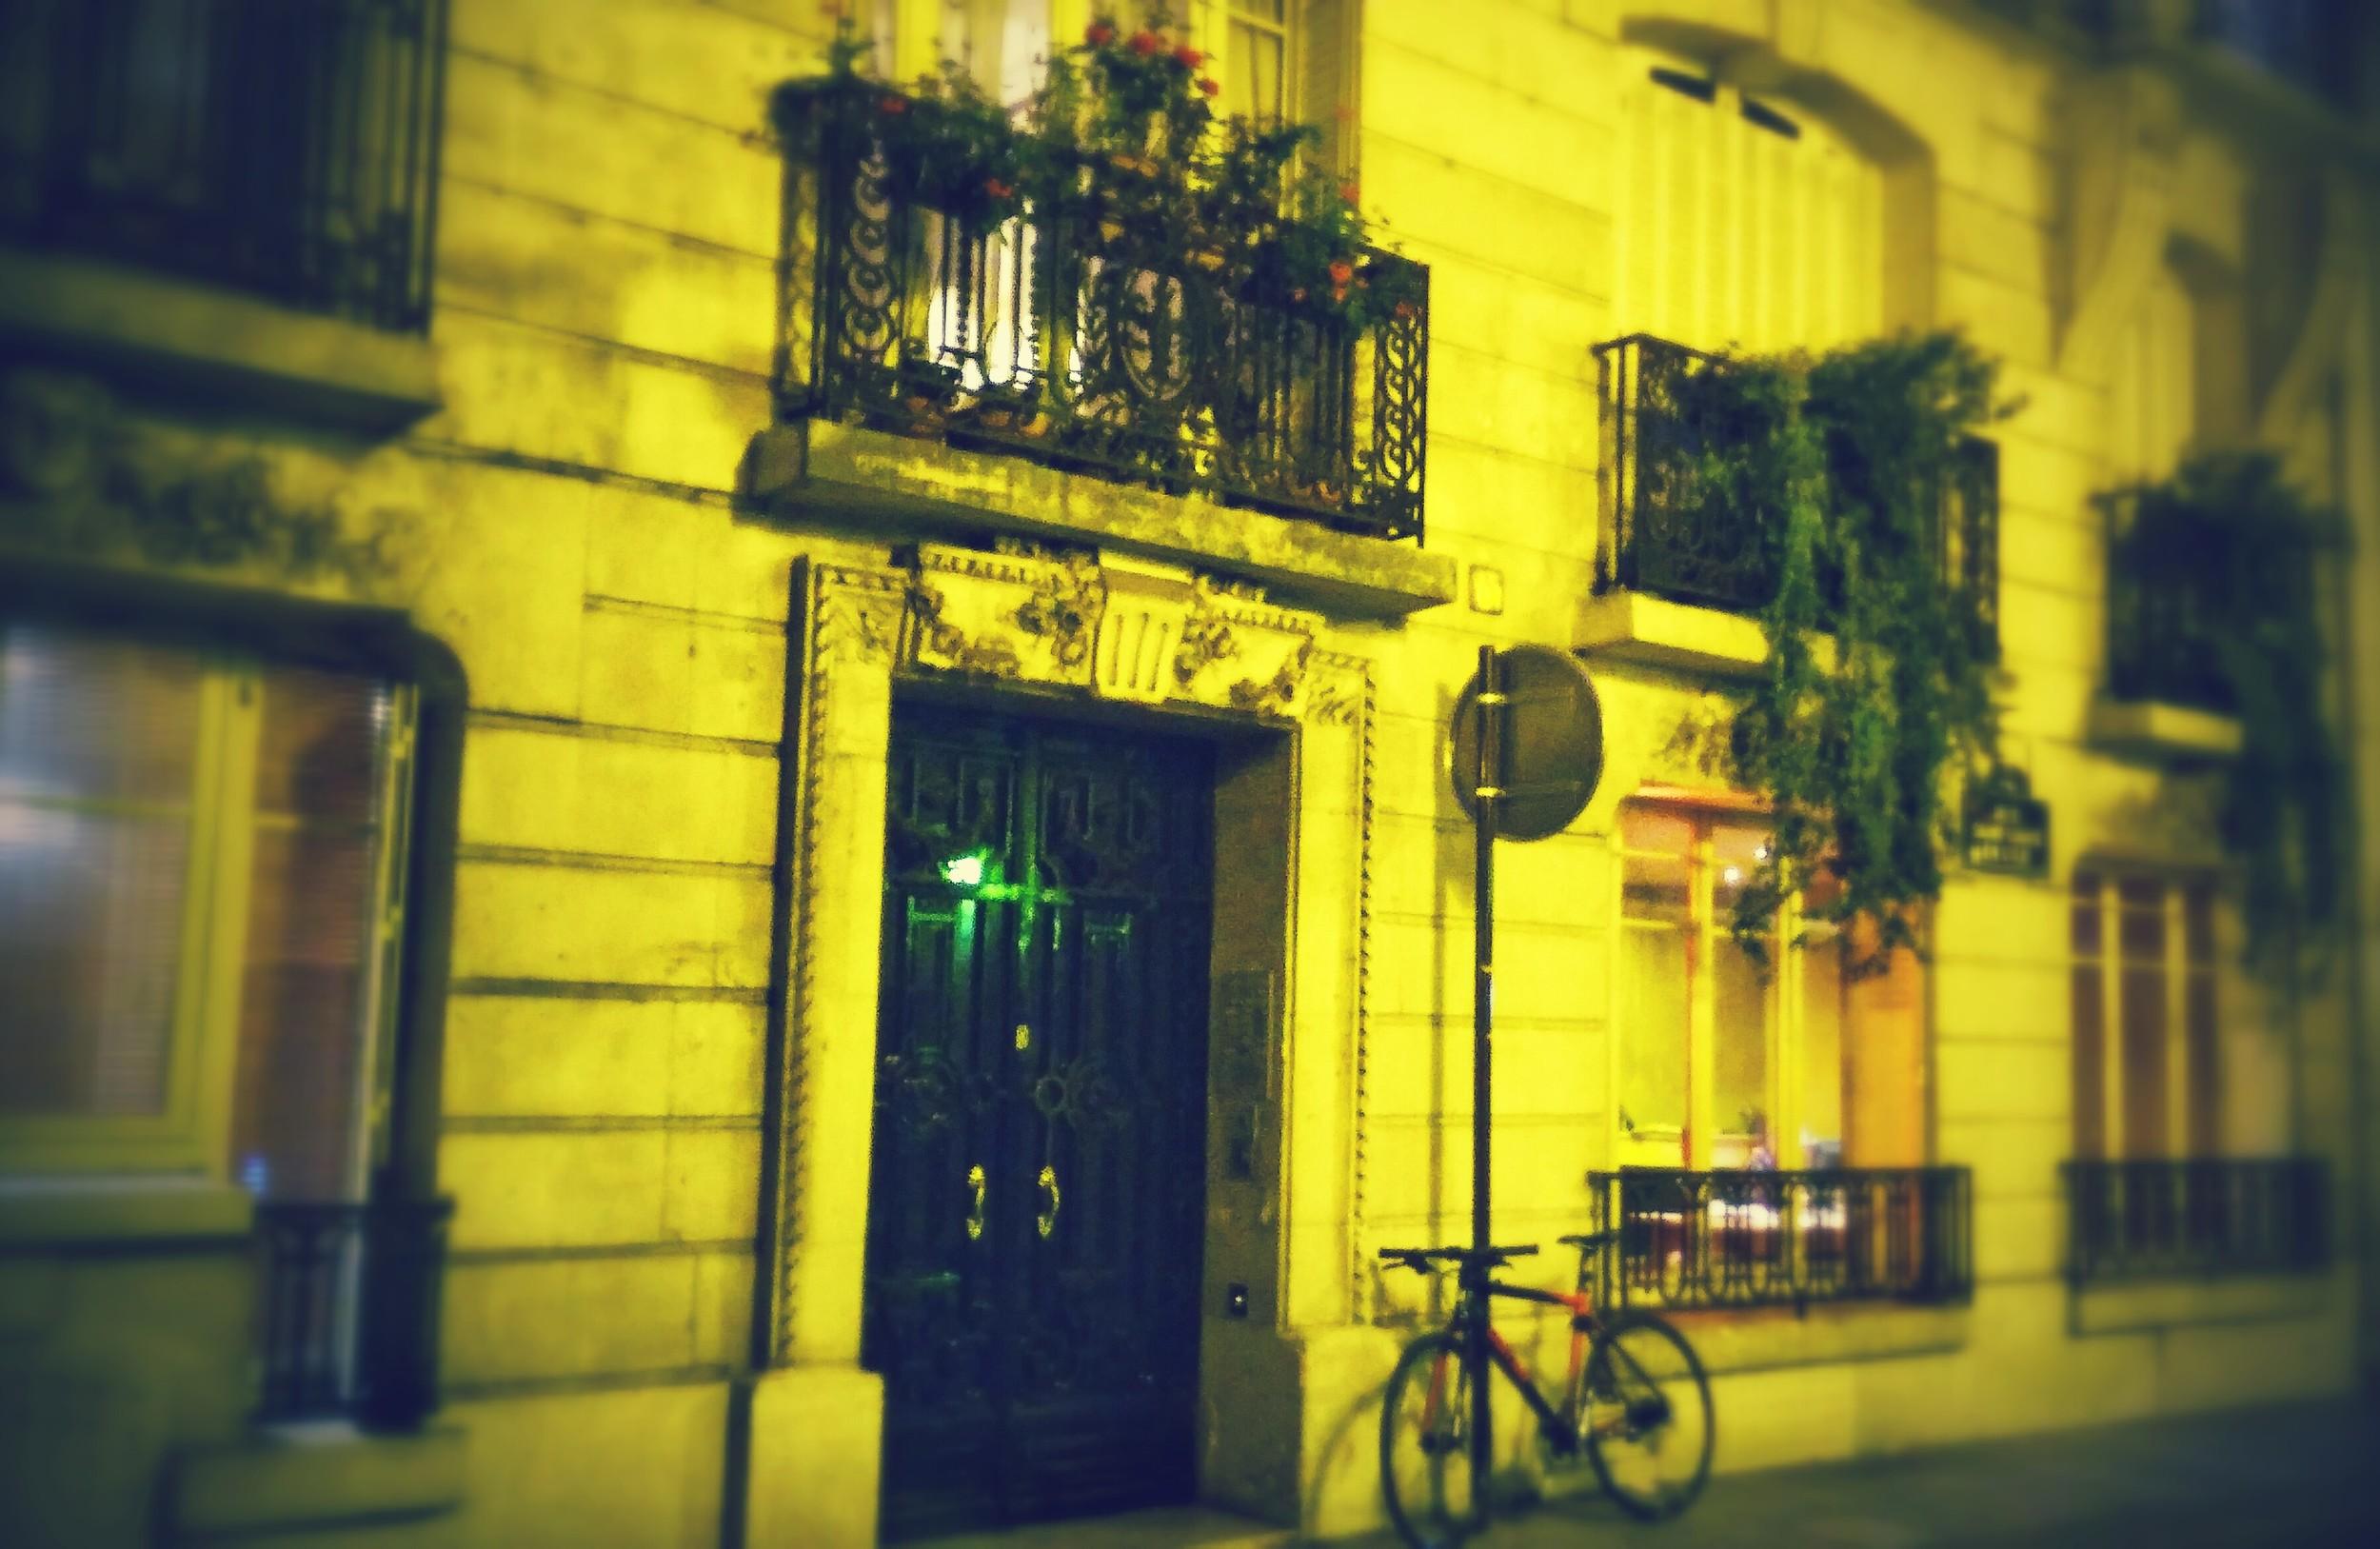 Rue Saint-Louis en I'lle on La Seine